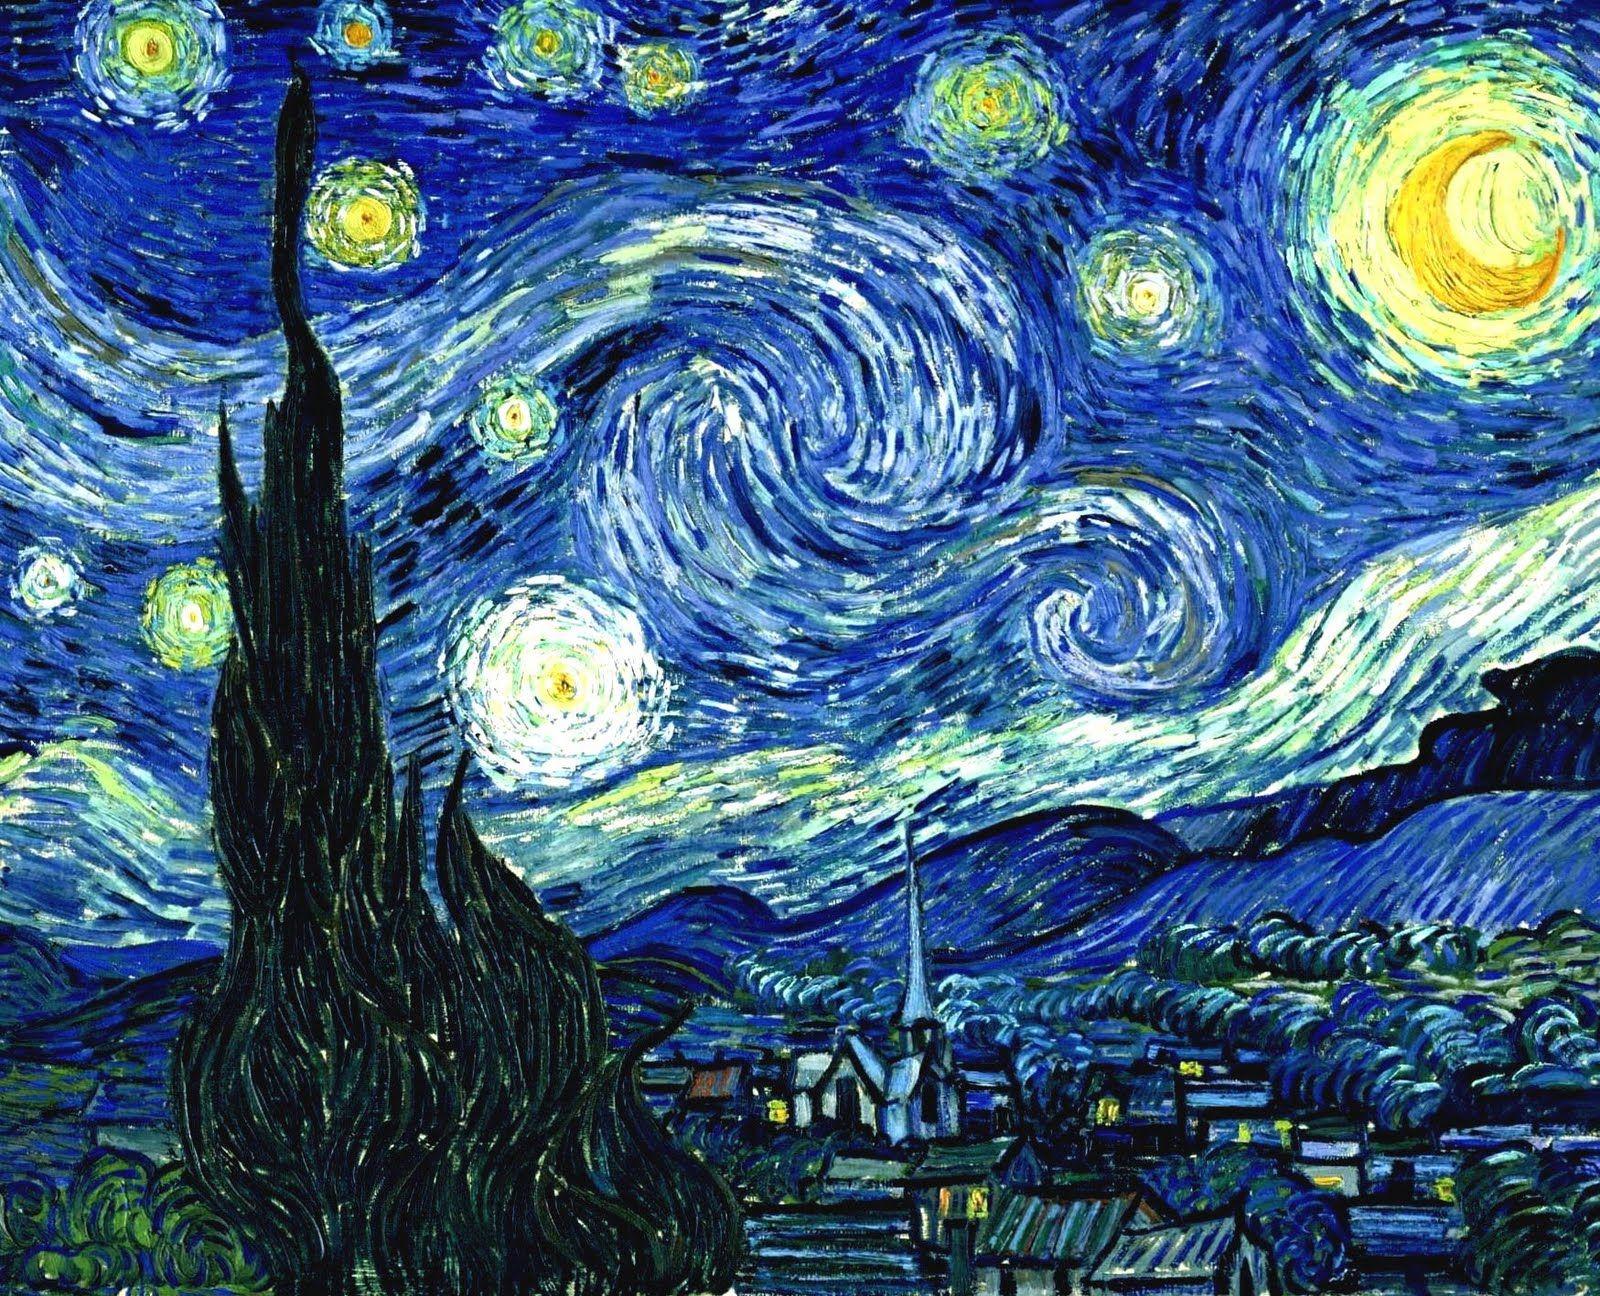 La noche estrellada es una obra maestra del pintor ...